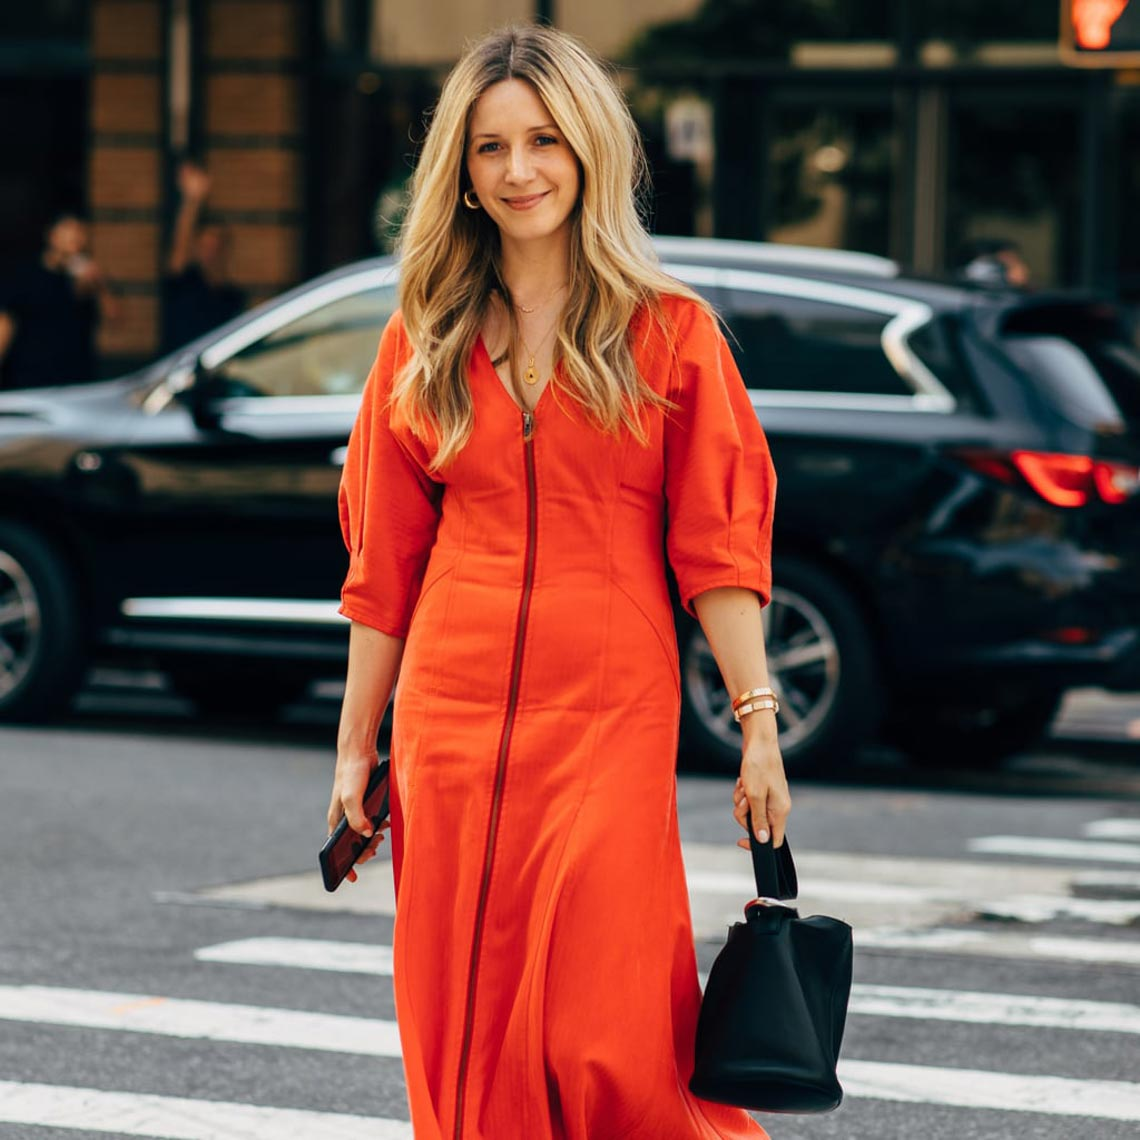 Các màu sắc trang phục giúp cải thiện tâm trạng tốt hơn -14